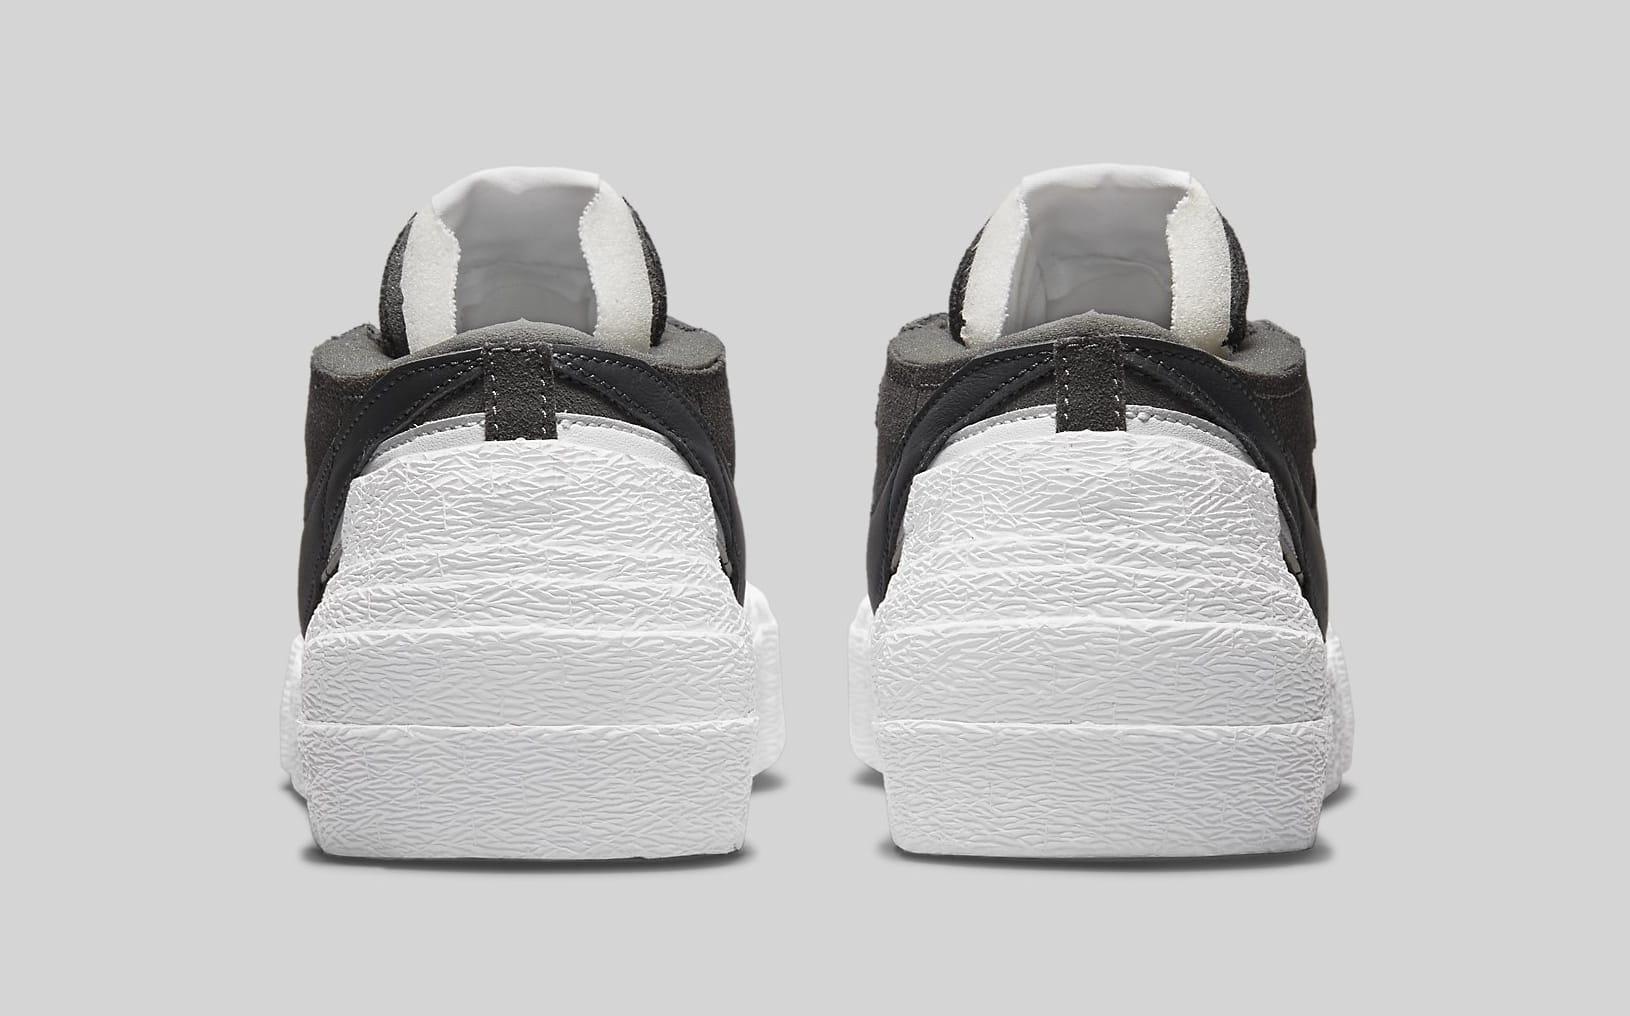 Sacai x Nike Blazer Low 'Iron Grey' DD1877-002 Heel